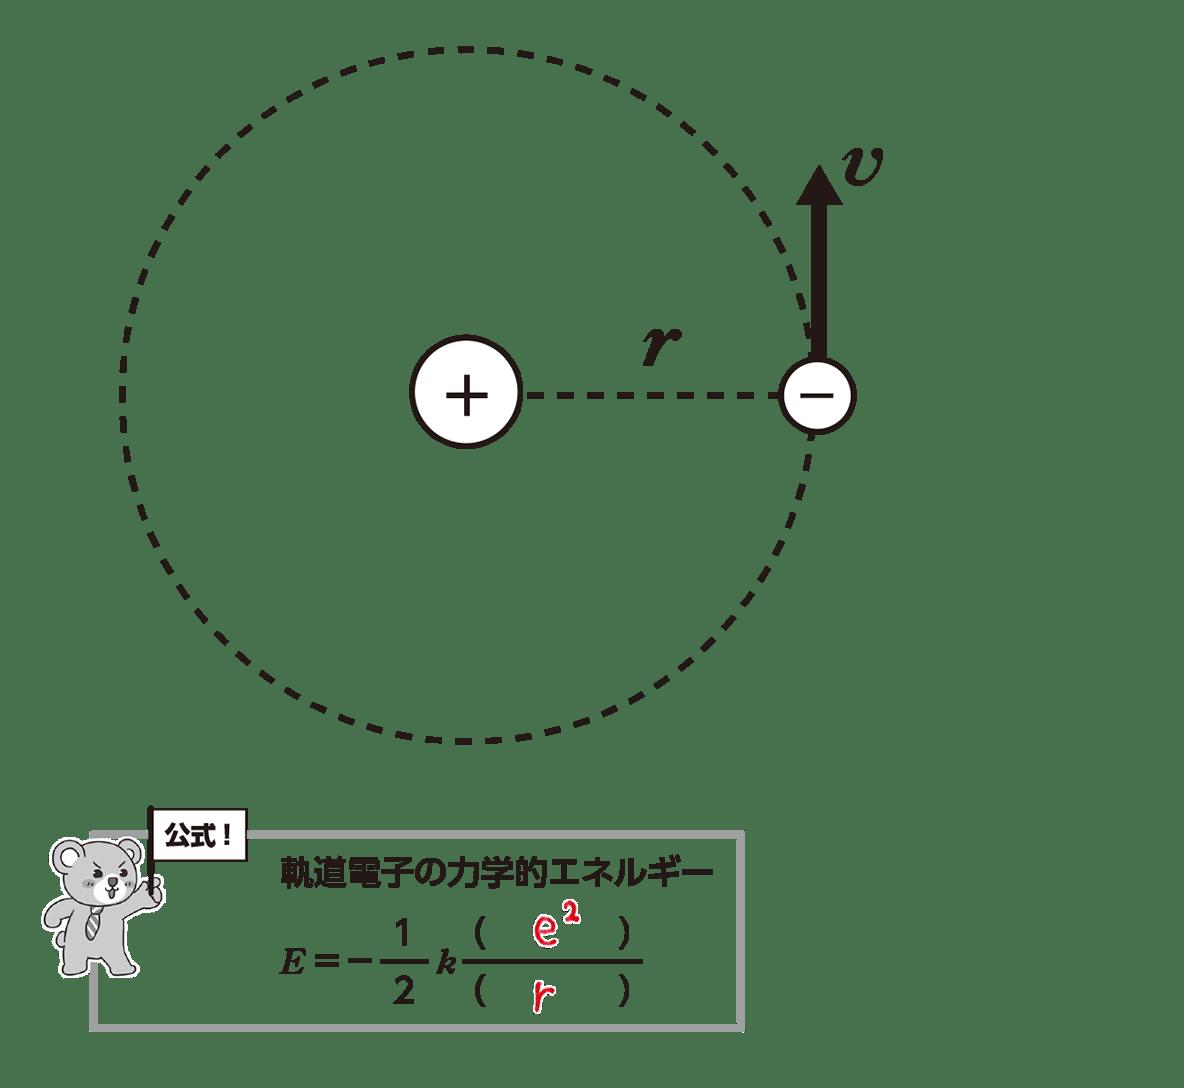 原子8 ポイント1 全部 空欄埋める